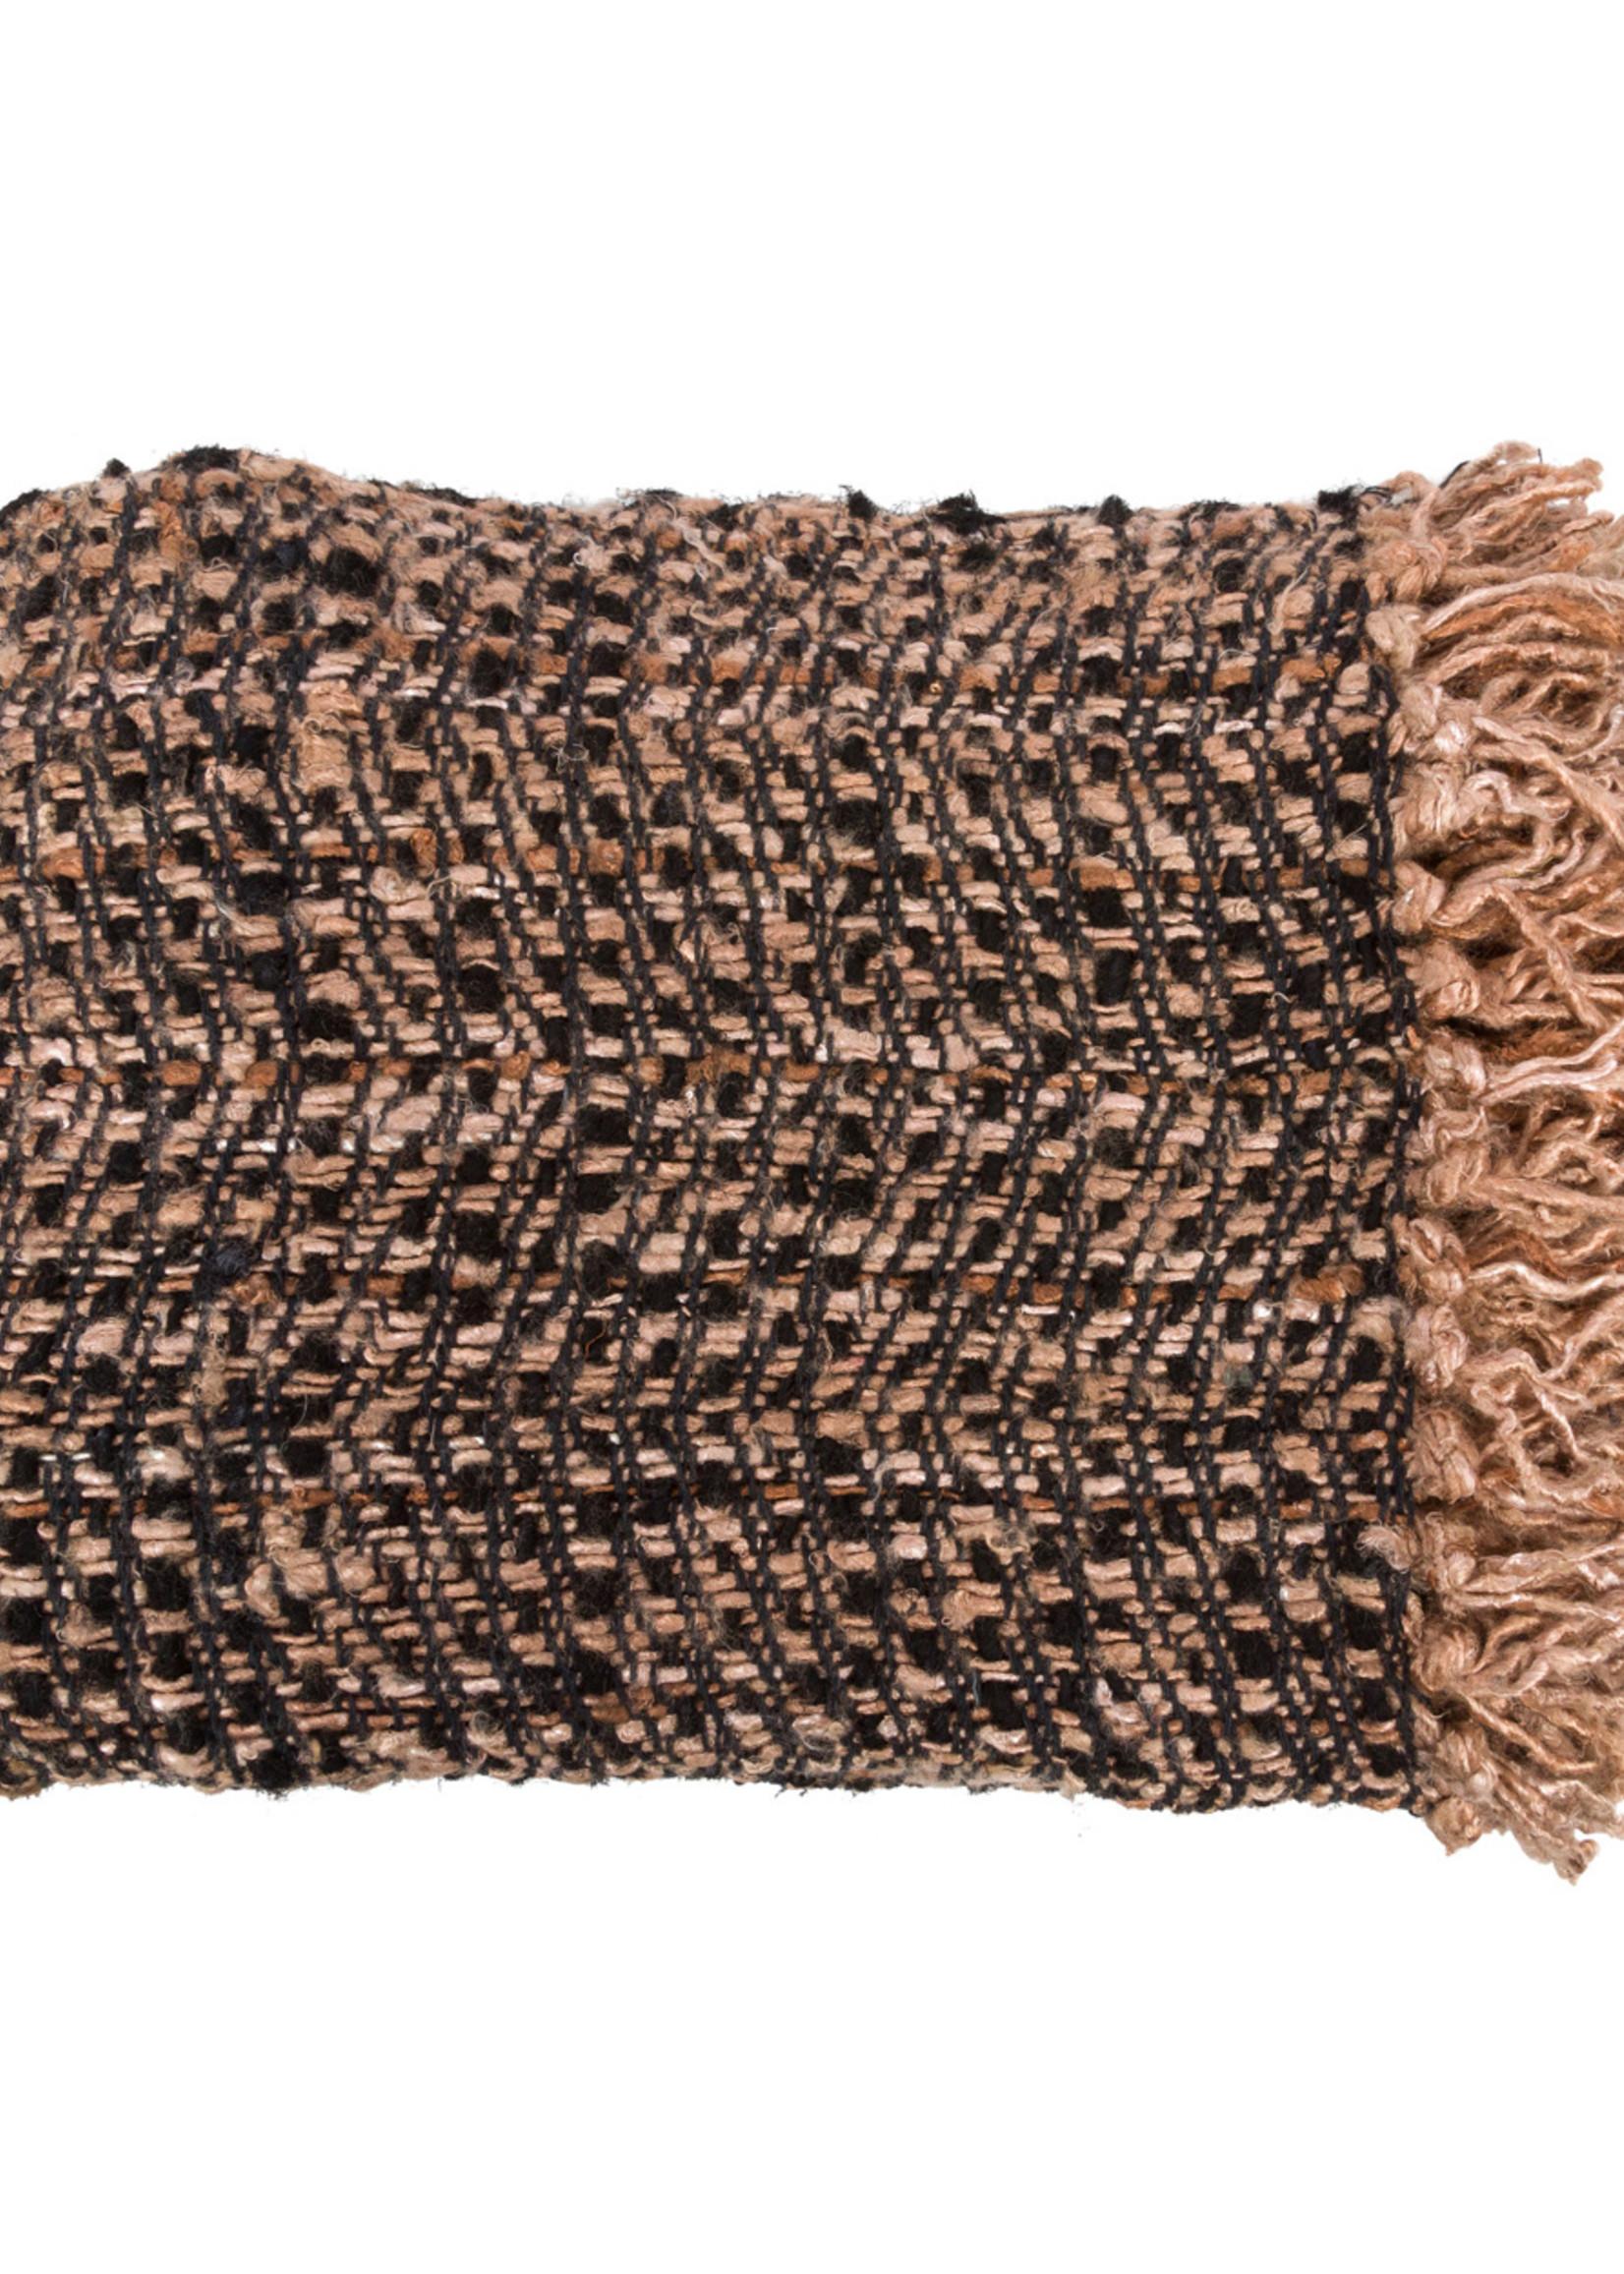 The s'il vous Plaid - Black Copper